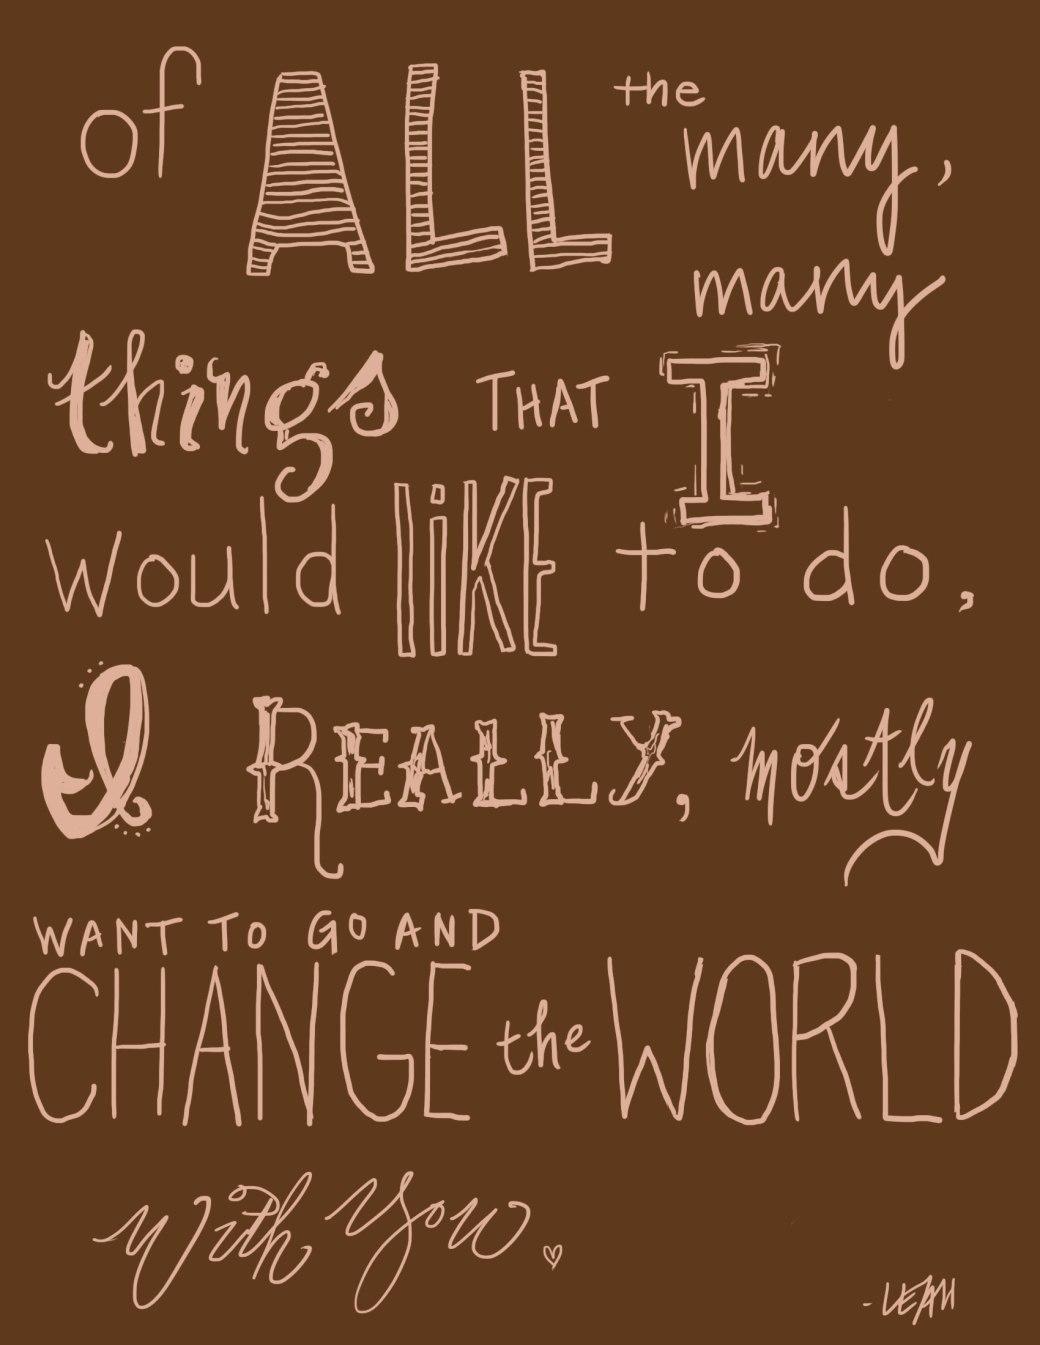 changetheworld